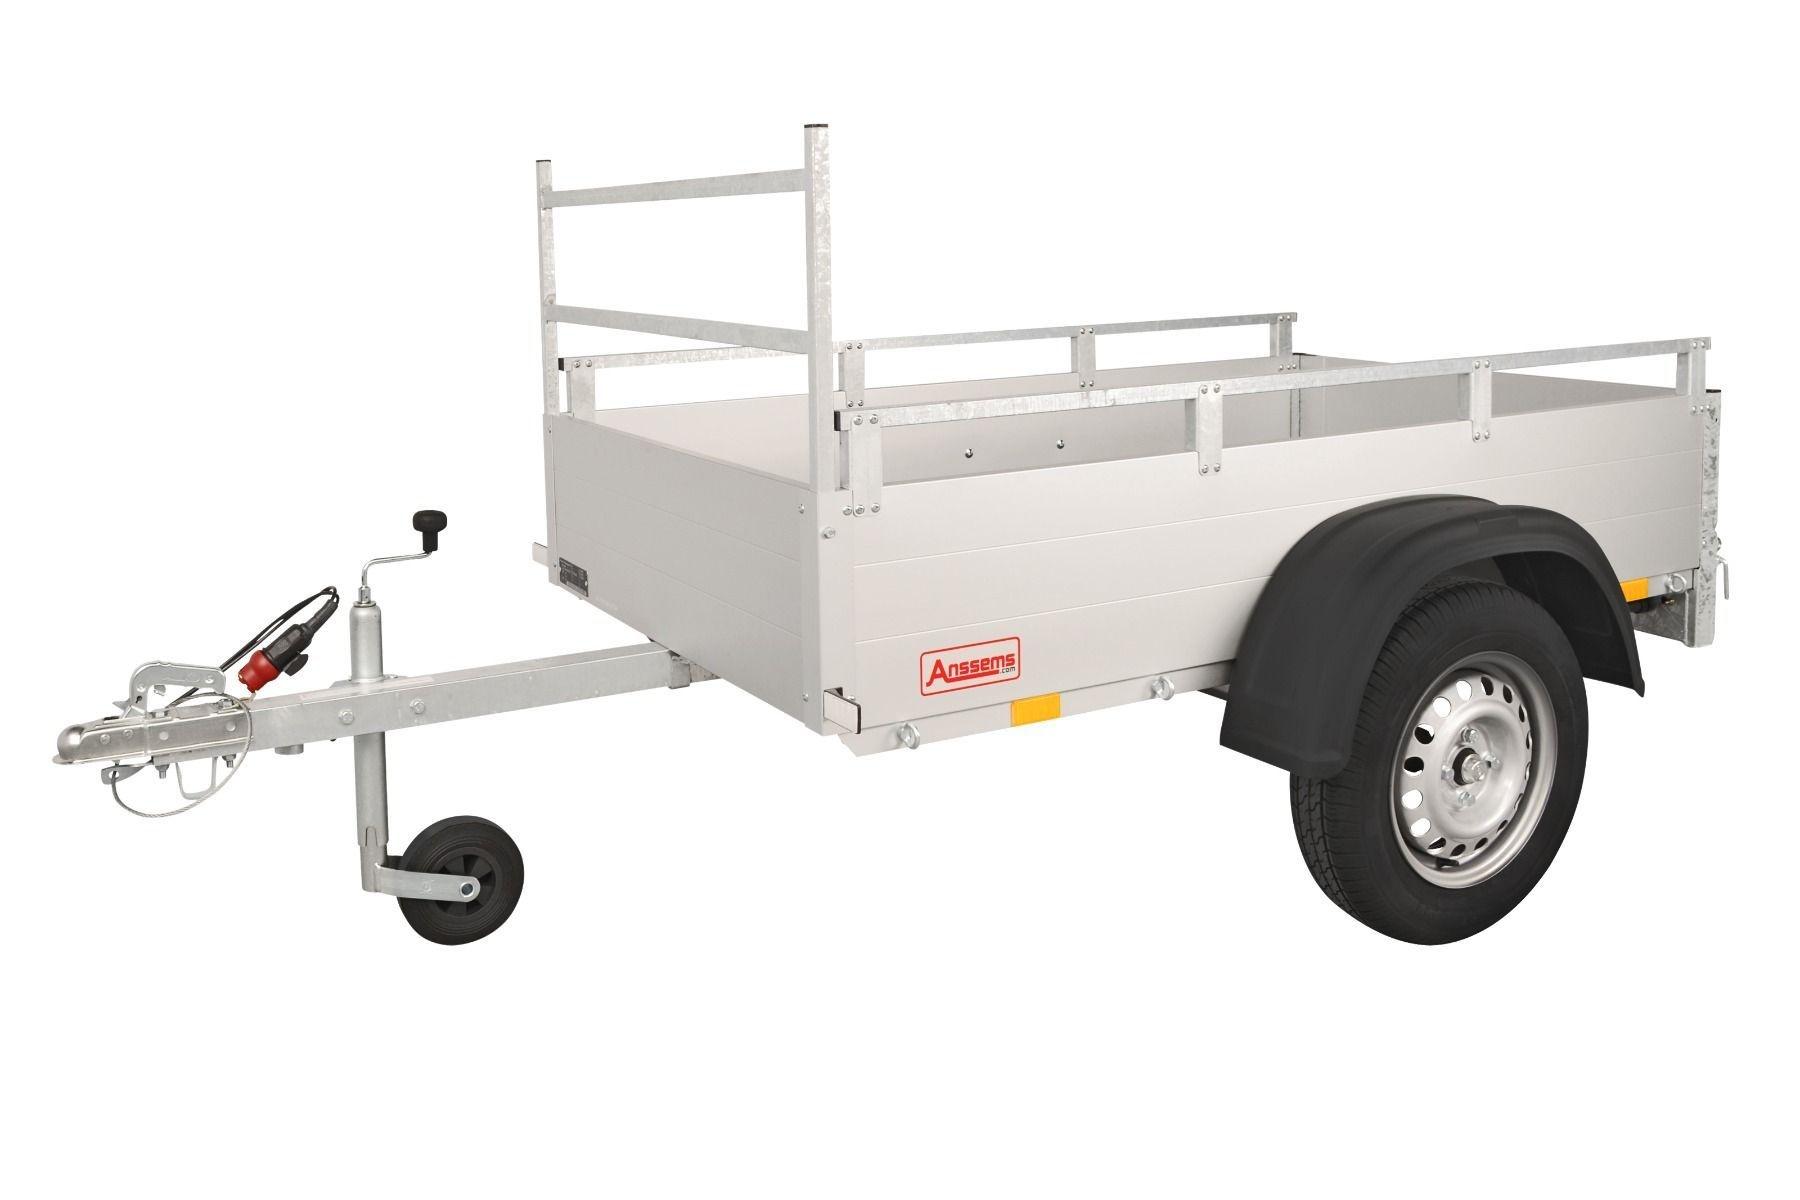 Anssems Anssems GT 750 R bakwagen - 750 kg bruto laadvermogen - 211x126 cm laadoppervlak - ongeremd - inclusief reling en voorrek